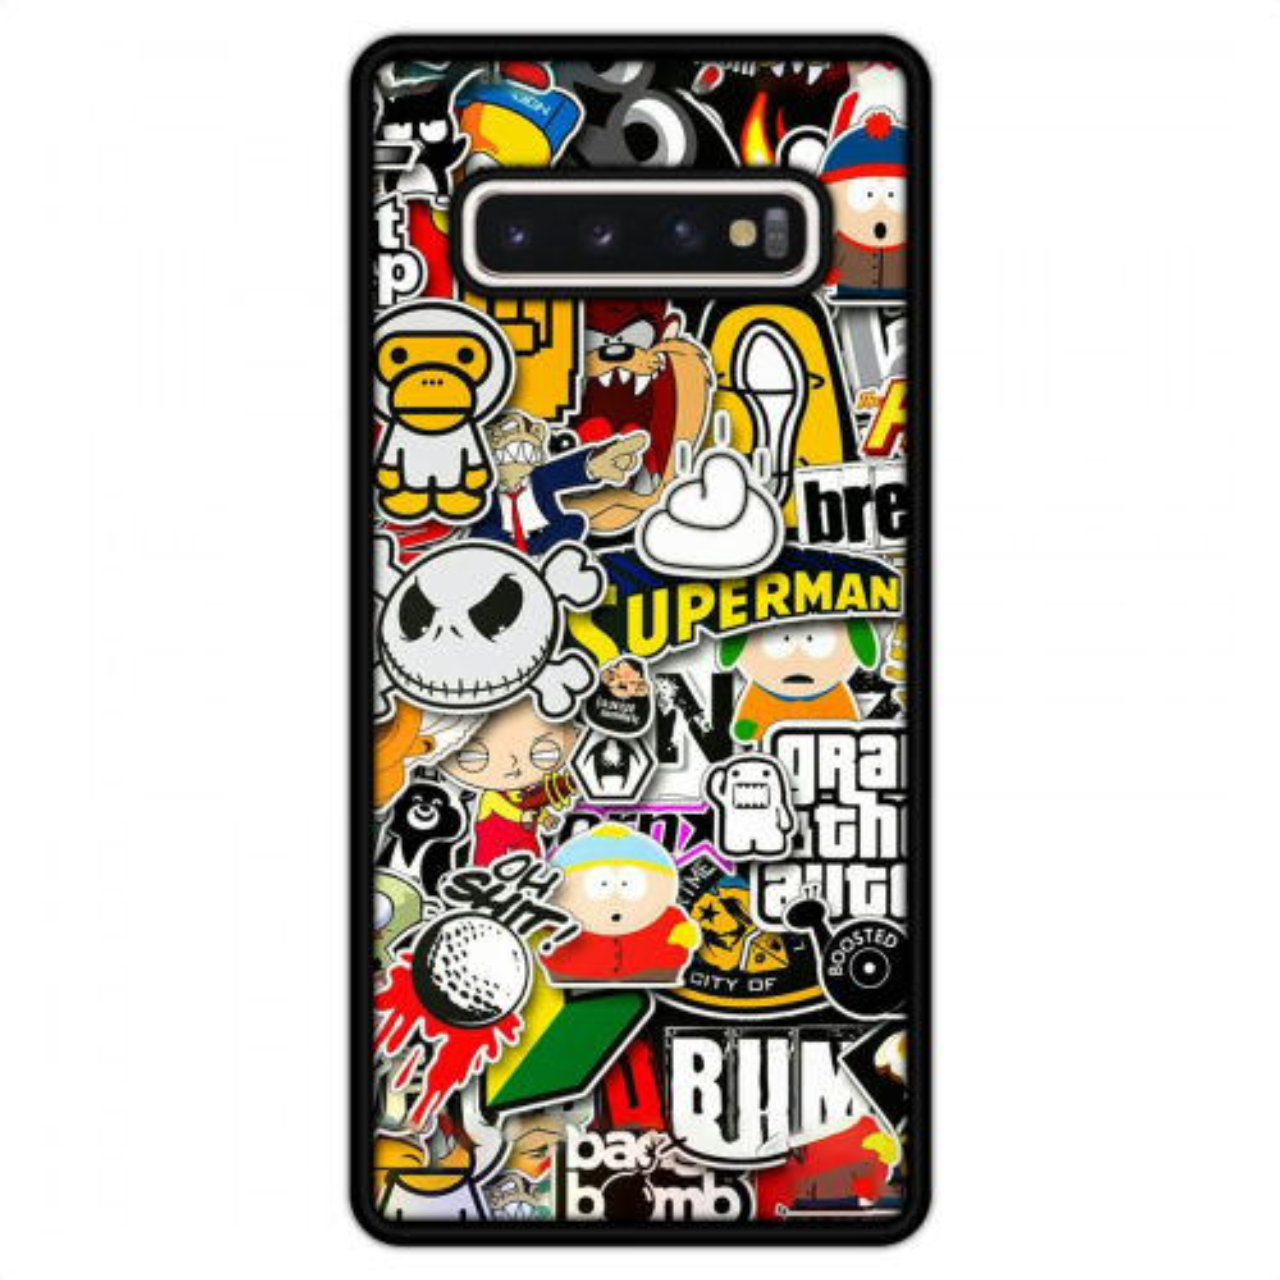 کاور آکام مدل AS10P0056 مناسب برای گوشی موبایل سامسونگ Galaxy S10 plus